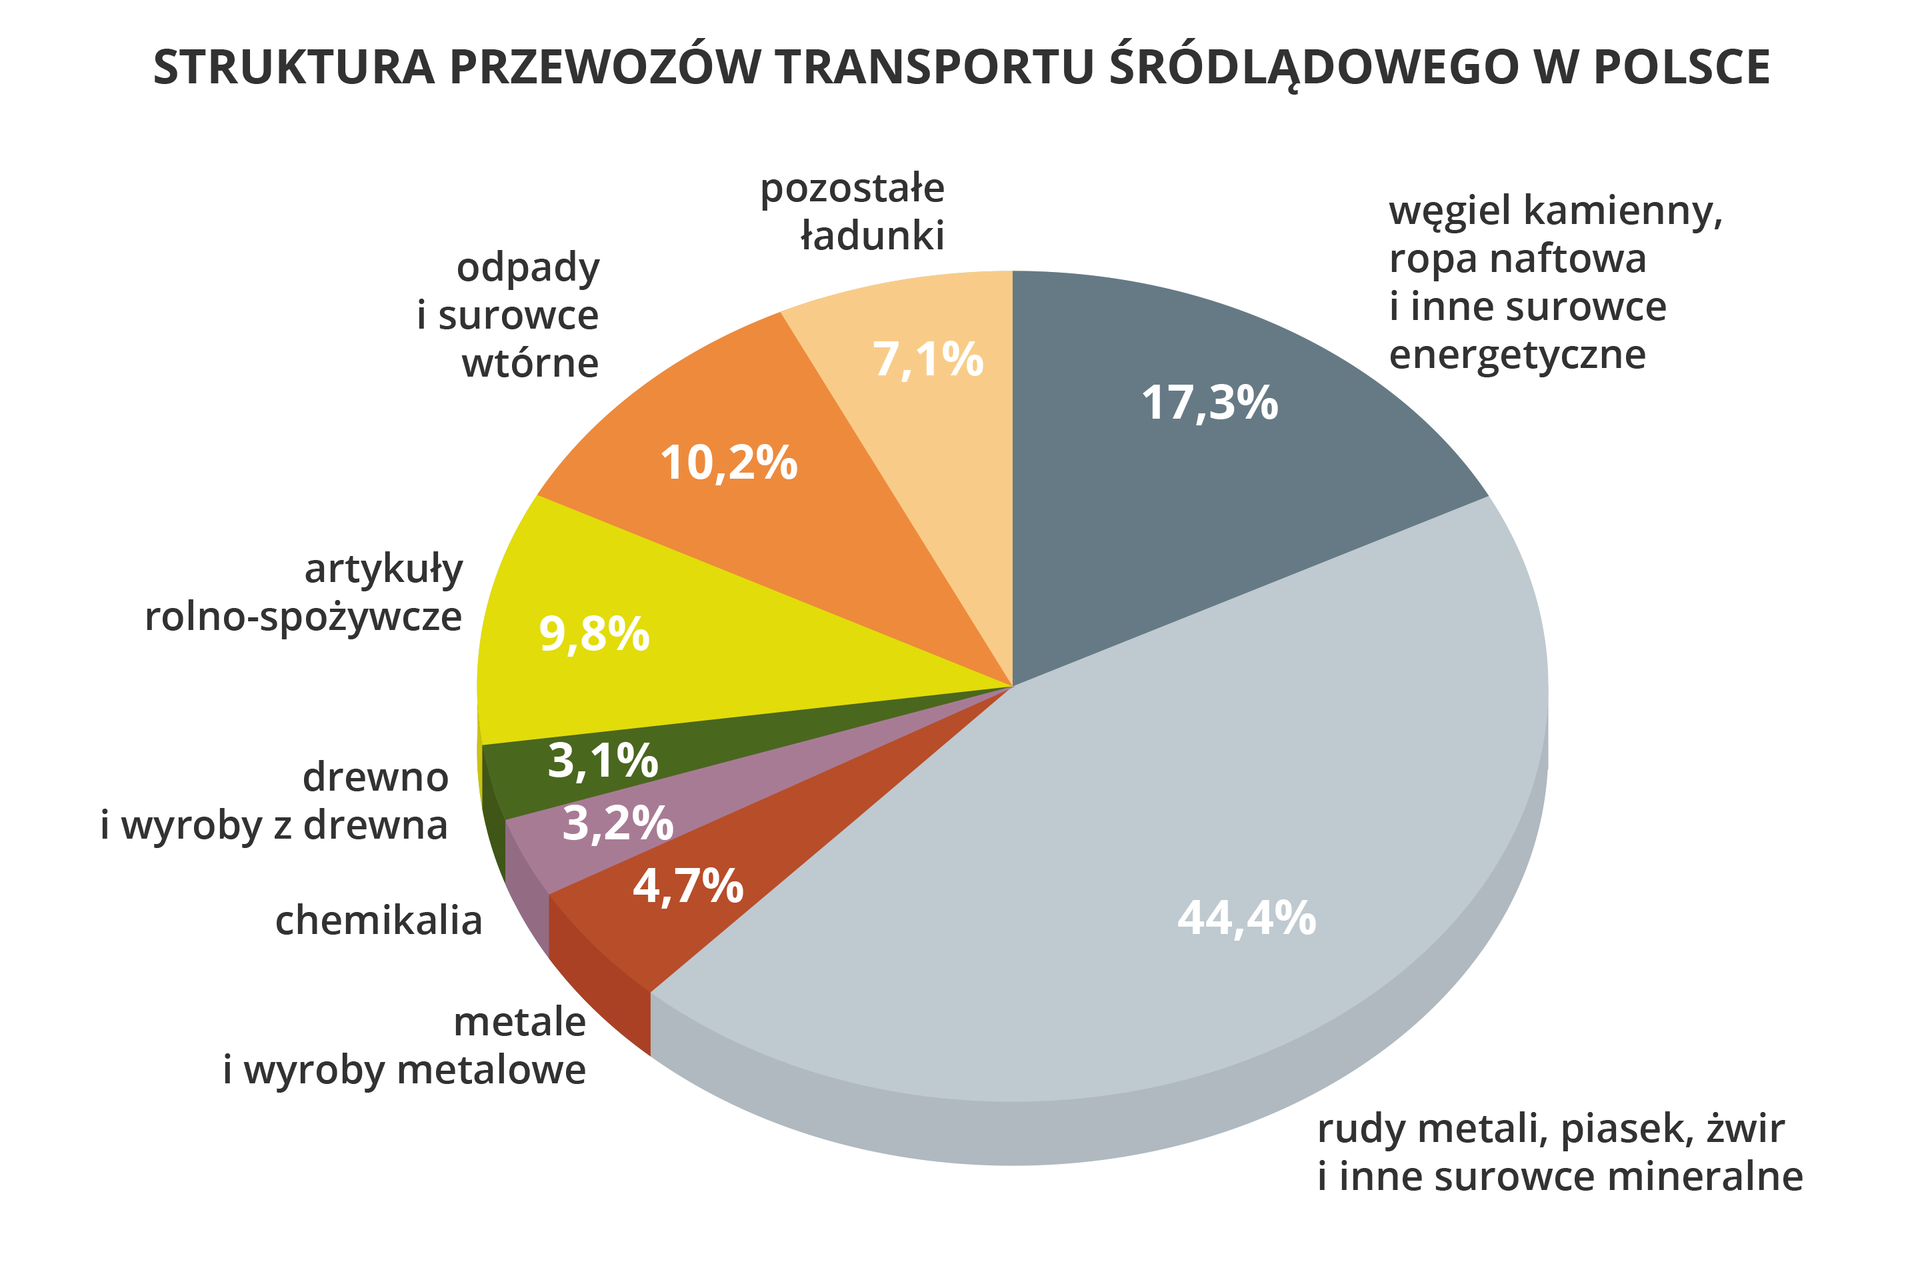 Na ilustracji diagram kołowy przedstawiający strukturę towarową przewozów transportem śródlądowym wPolsce. Węgiel kamienny,ropa naftowa,i inne surowceenergetyczneRudy metali,piasek, żwir,i inne surowcemineralneMetale iwyrobymetaloweChemikaliaDrewno iwyrobyz drewnaArtykuły rolno-spożywczeOdpady isurowce wtórnePozostałeładunki17,30%44,40%4,70%3,20%3,10%9,80%10,20%7,10%